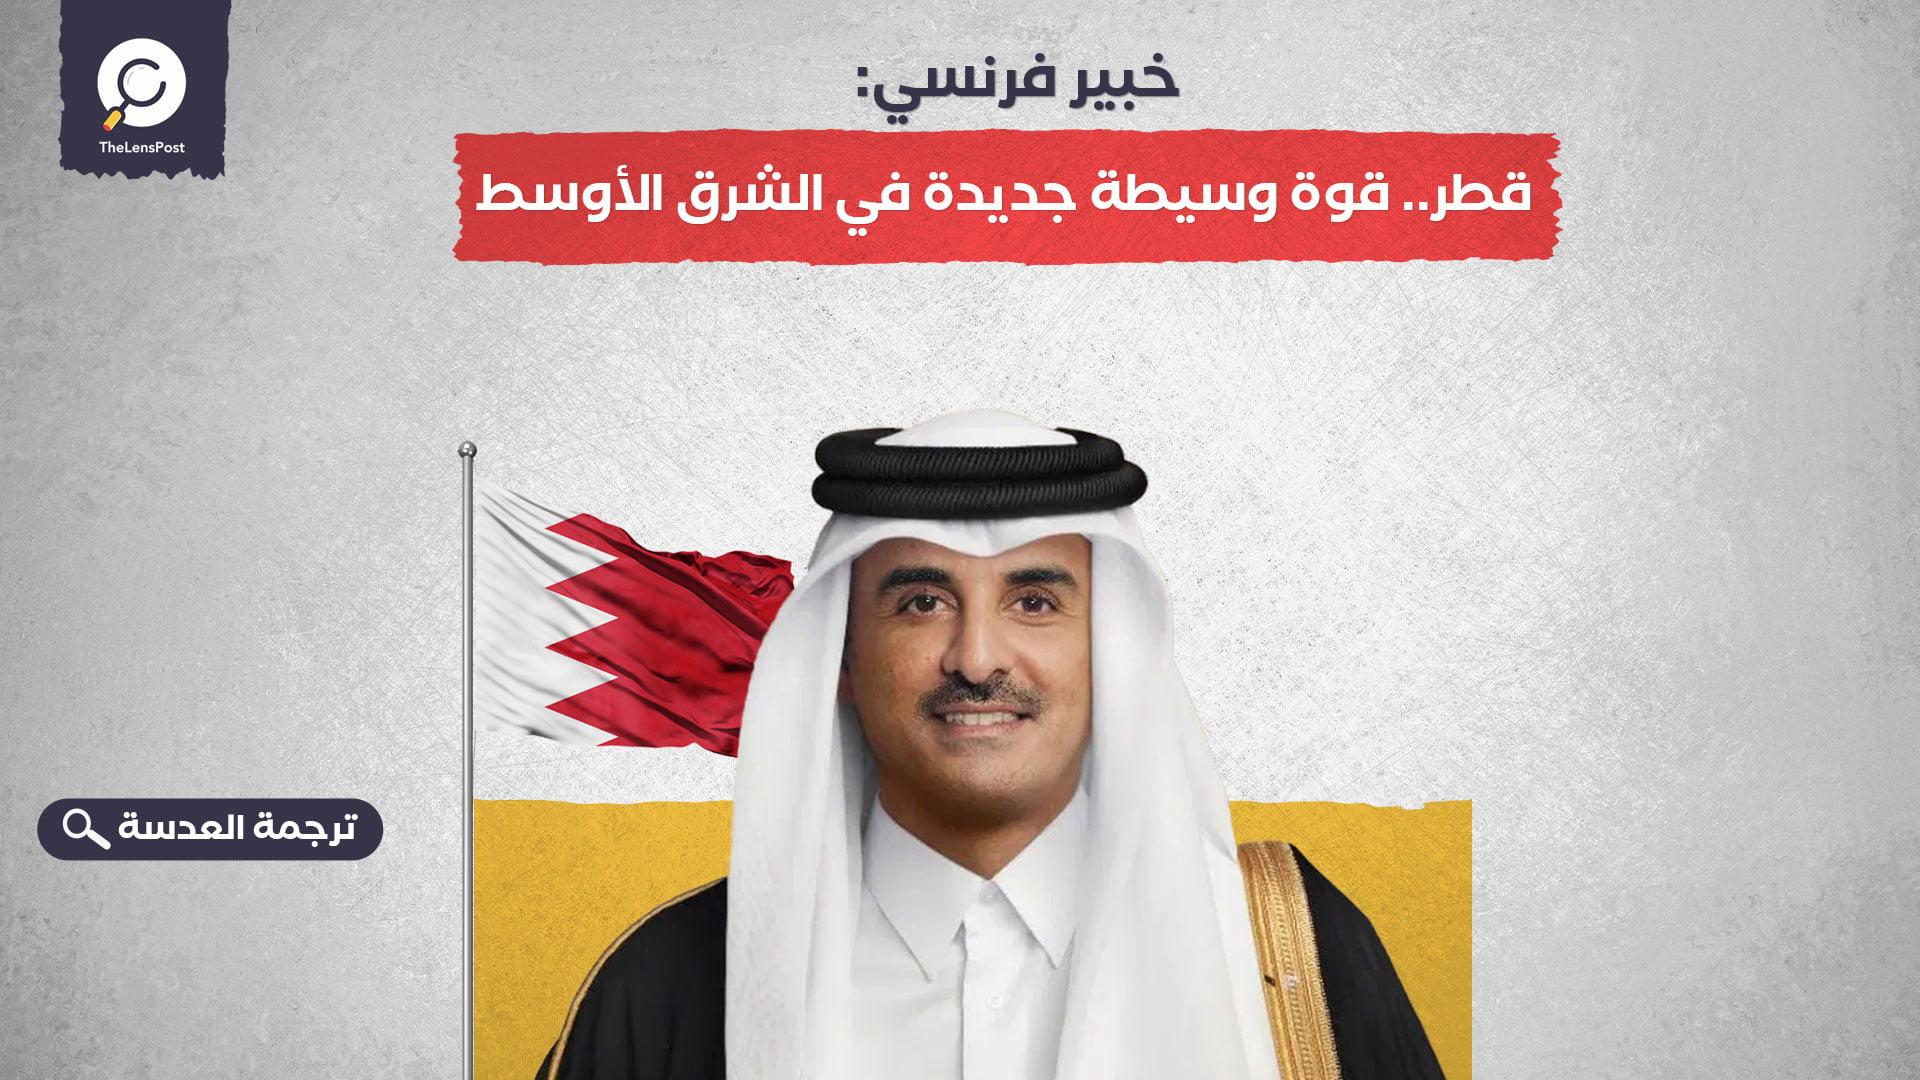 خبير فرنسي: قطر.. قوة وسيطة جديدة في الشرق الأوسط